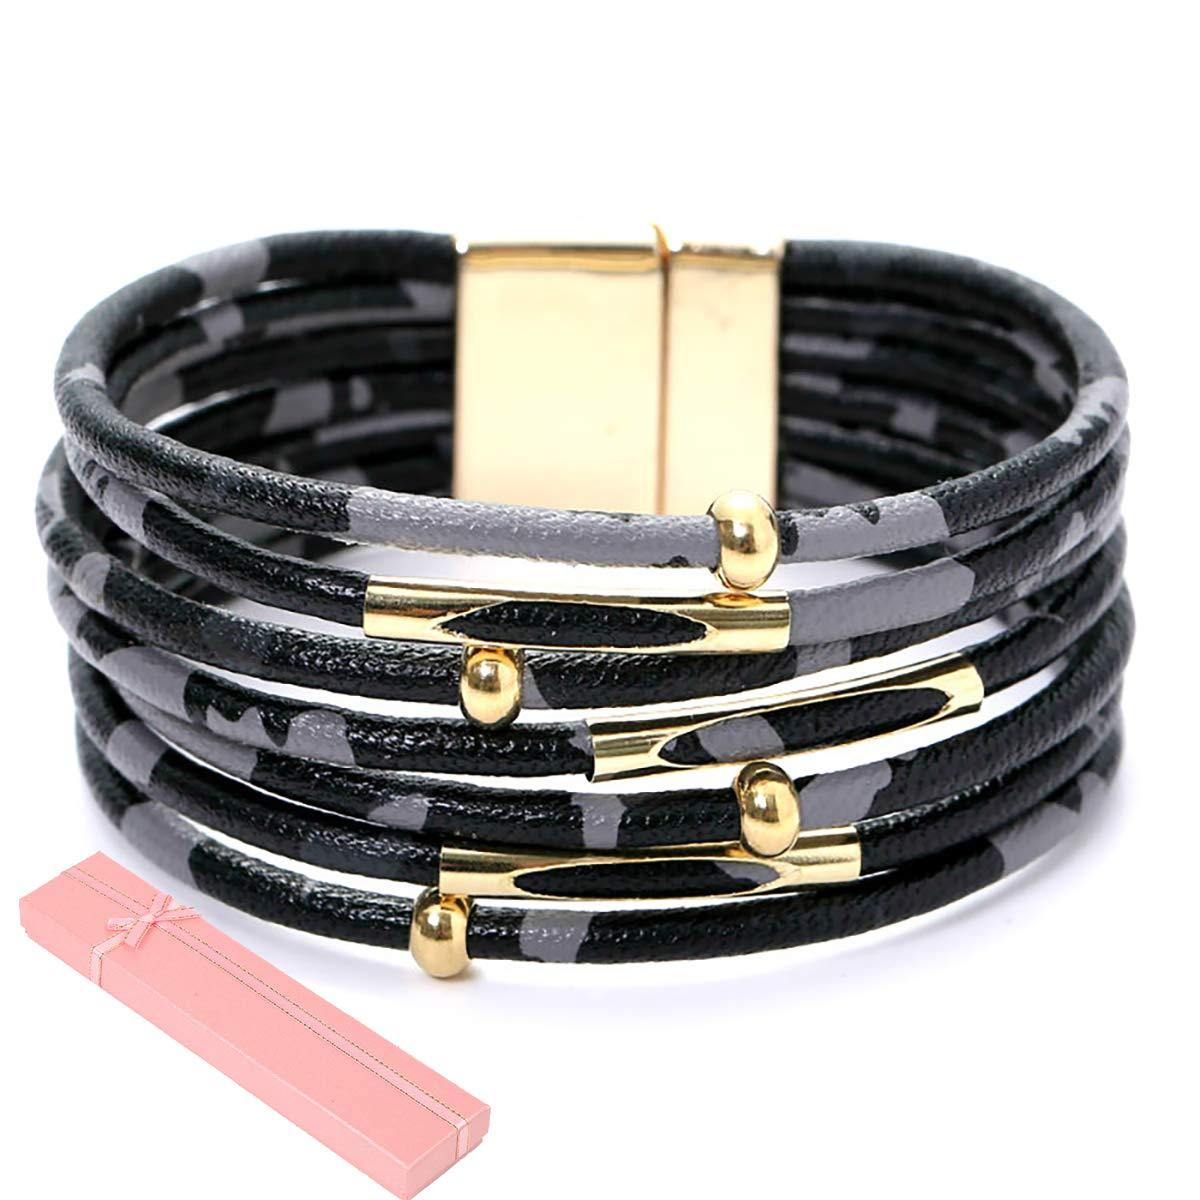 ILJILU Leopard Bracelets for Women Metal Pipe Charm Multilayer Wide Leather Wrap Bracelet